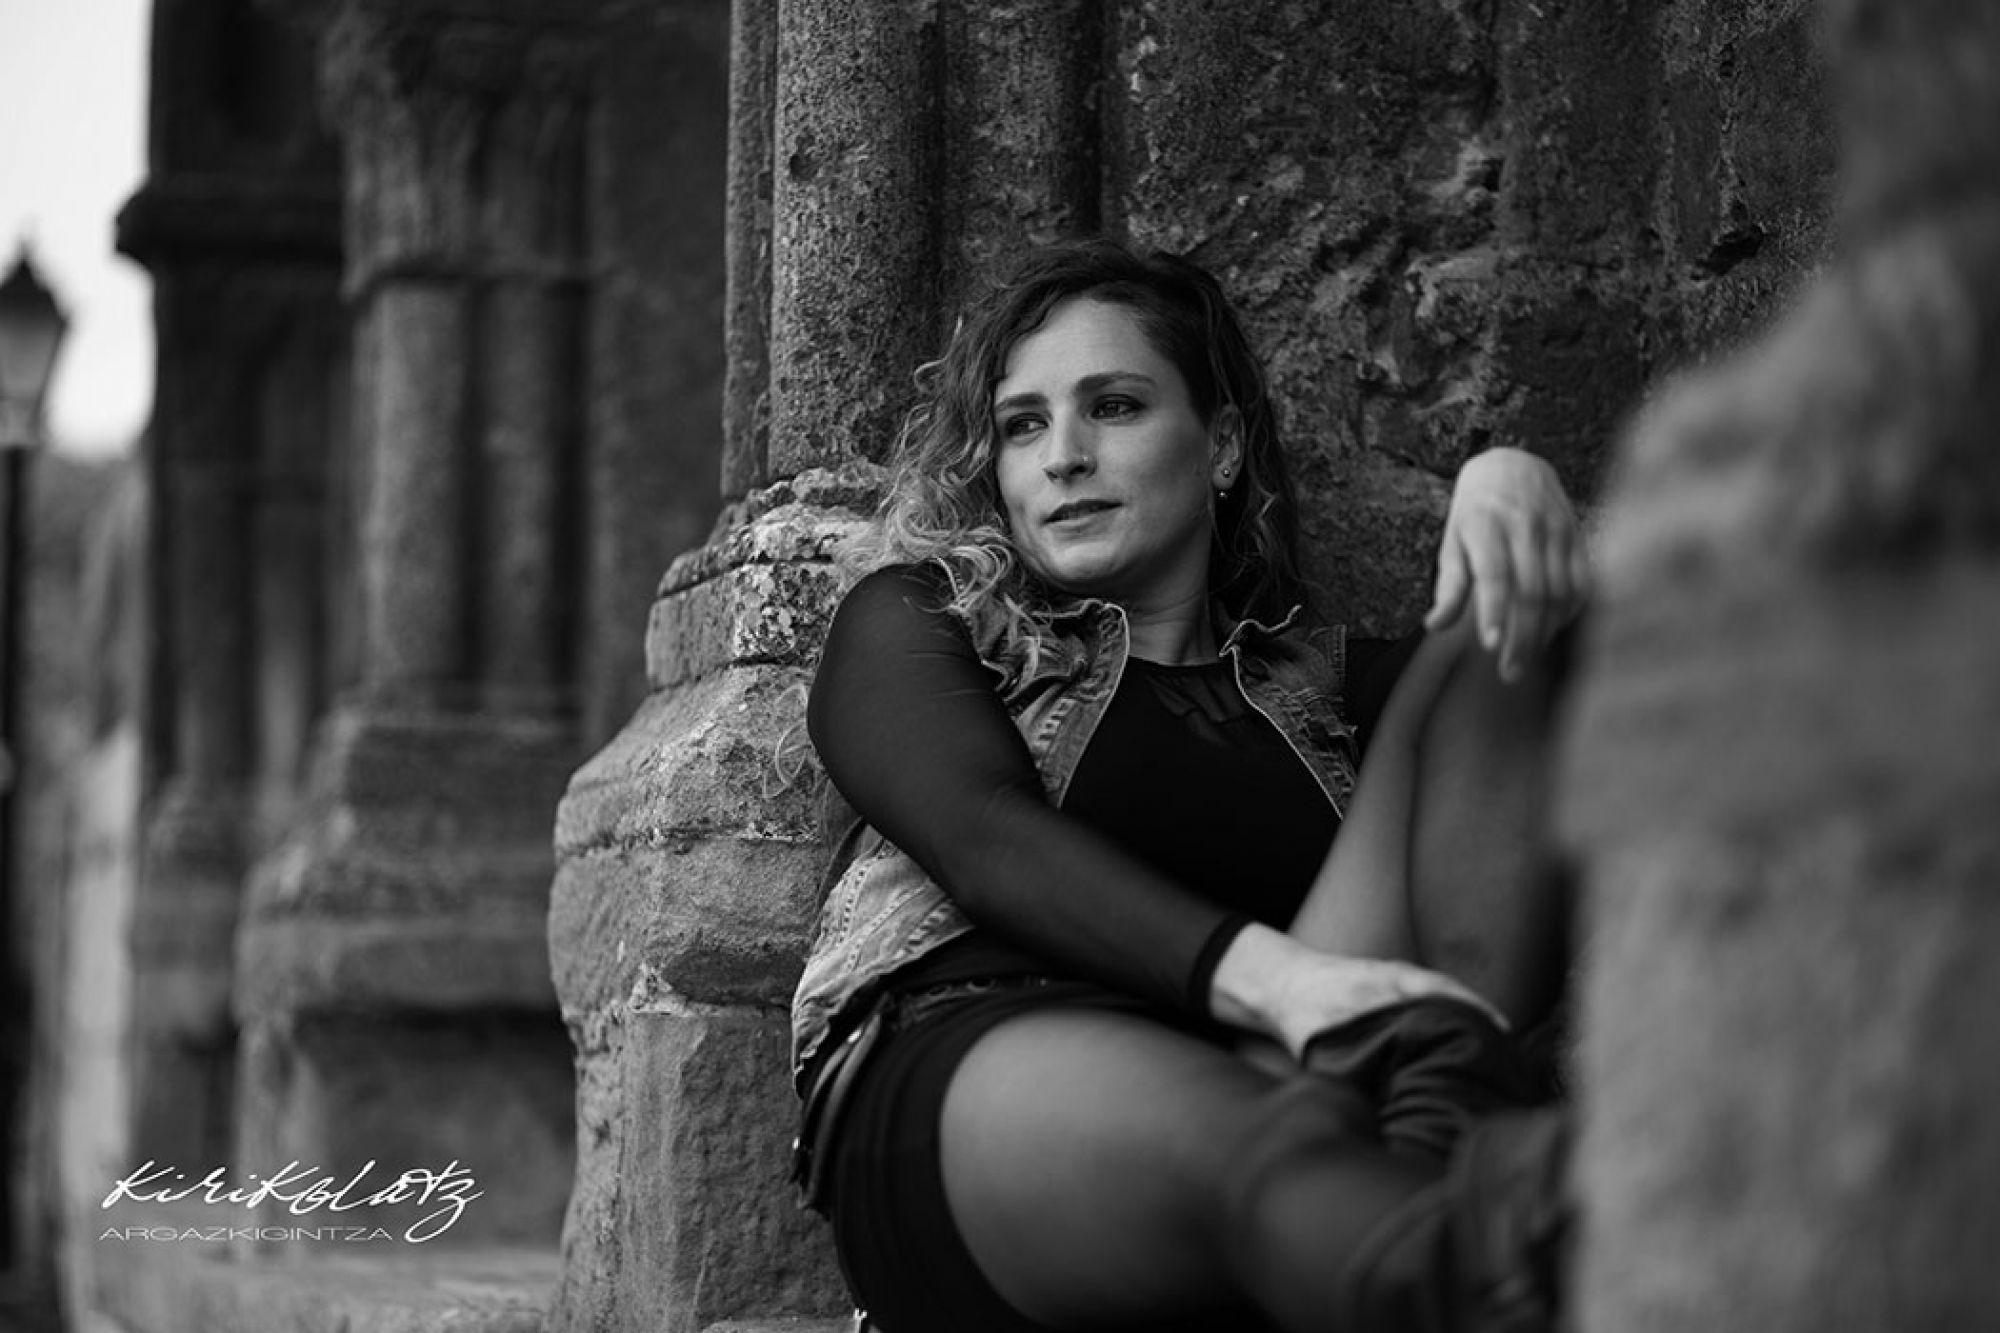 Fotografa En Exteriores Kirikolatz Miren